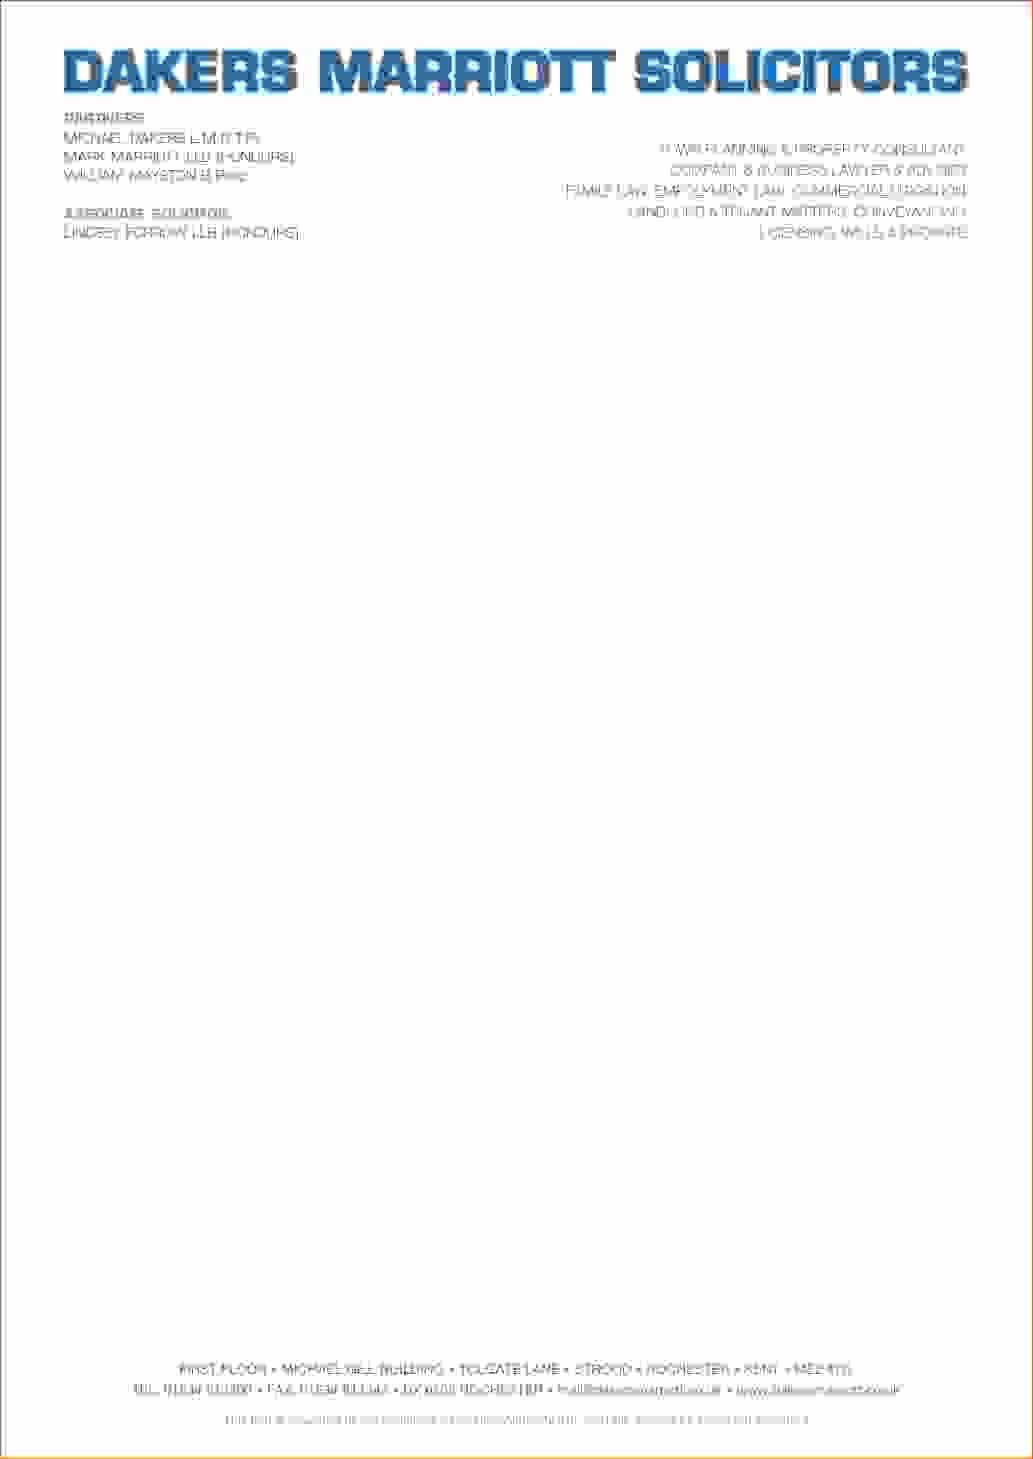 Sample Of Business Letterhead format New 6 Business Letterhead